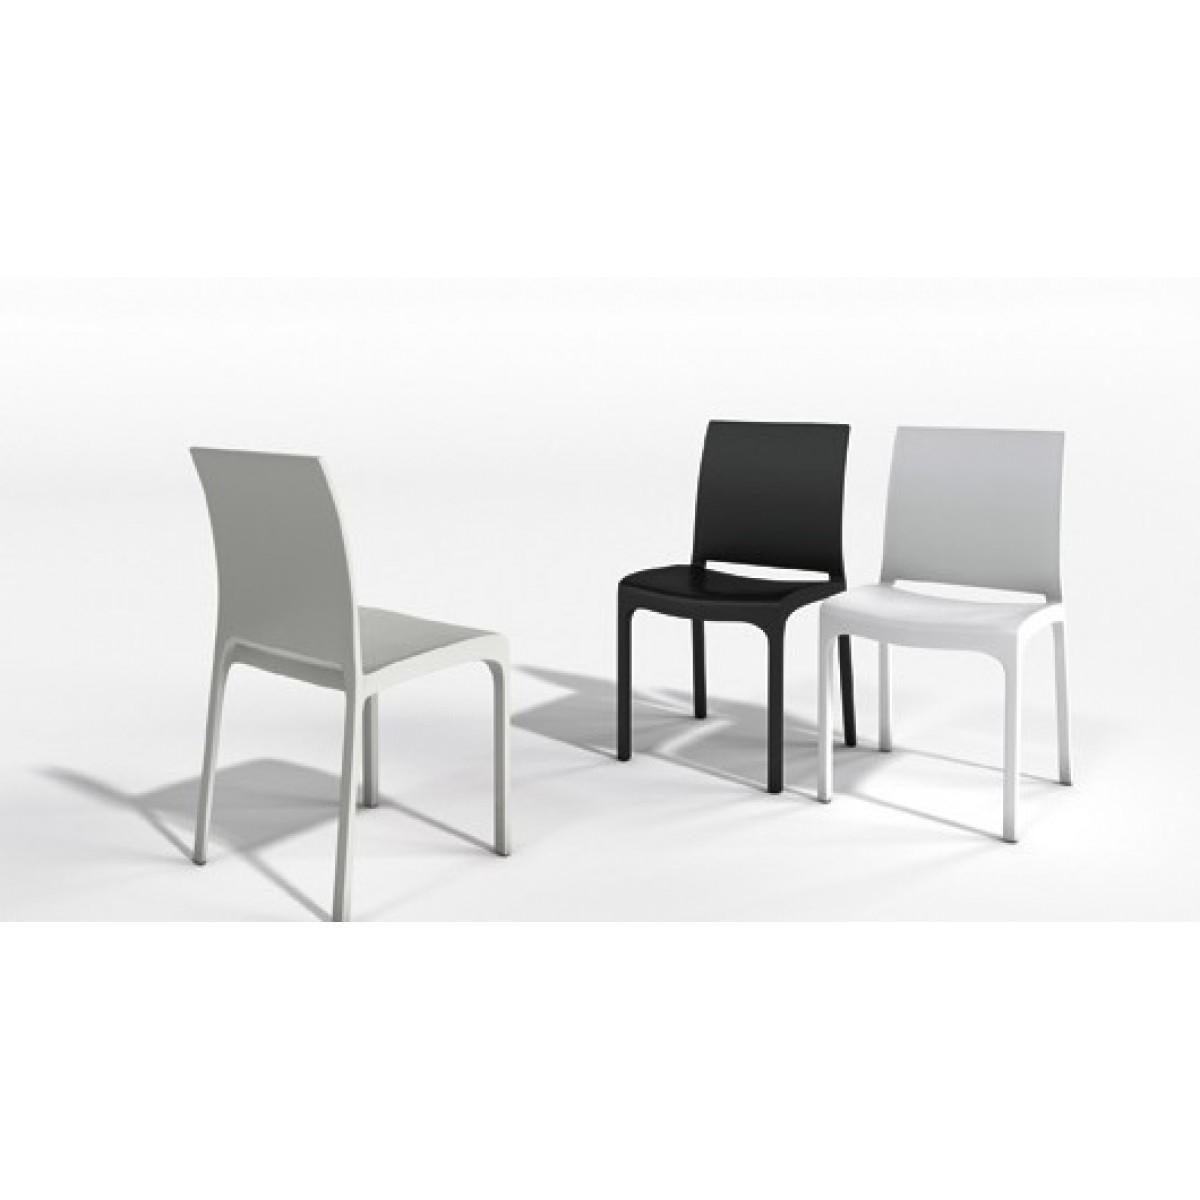 Sedia zamagna modello step sedie a prezzi scontati for Sedie moderne prezzi